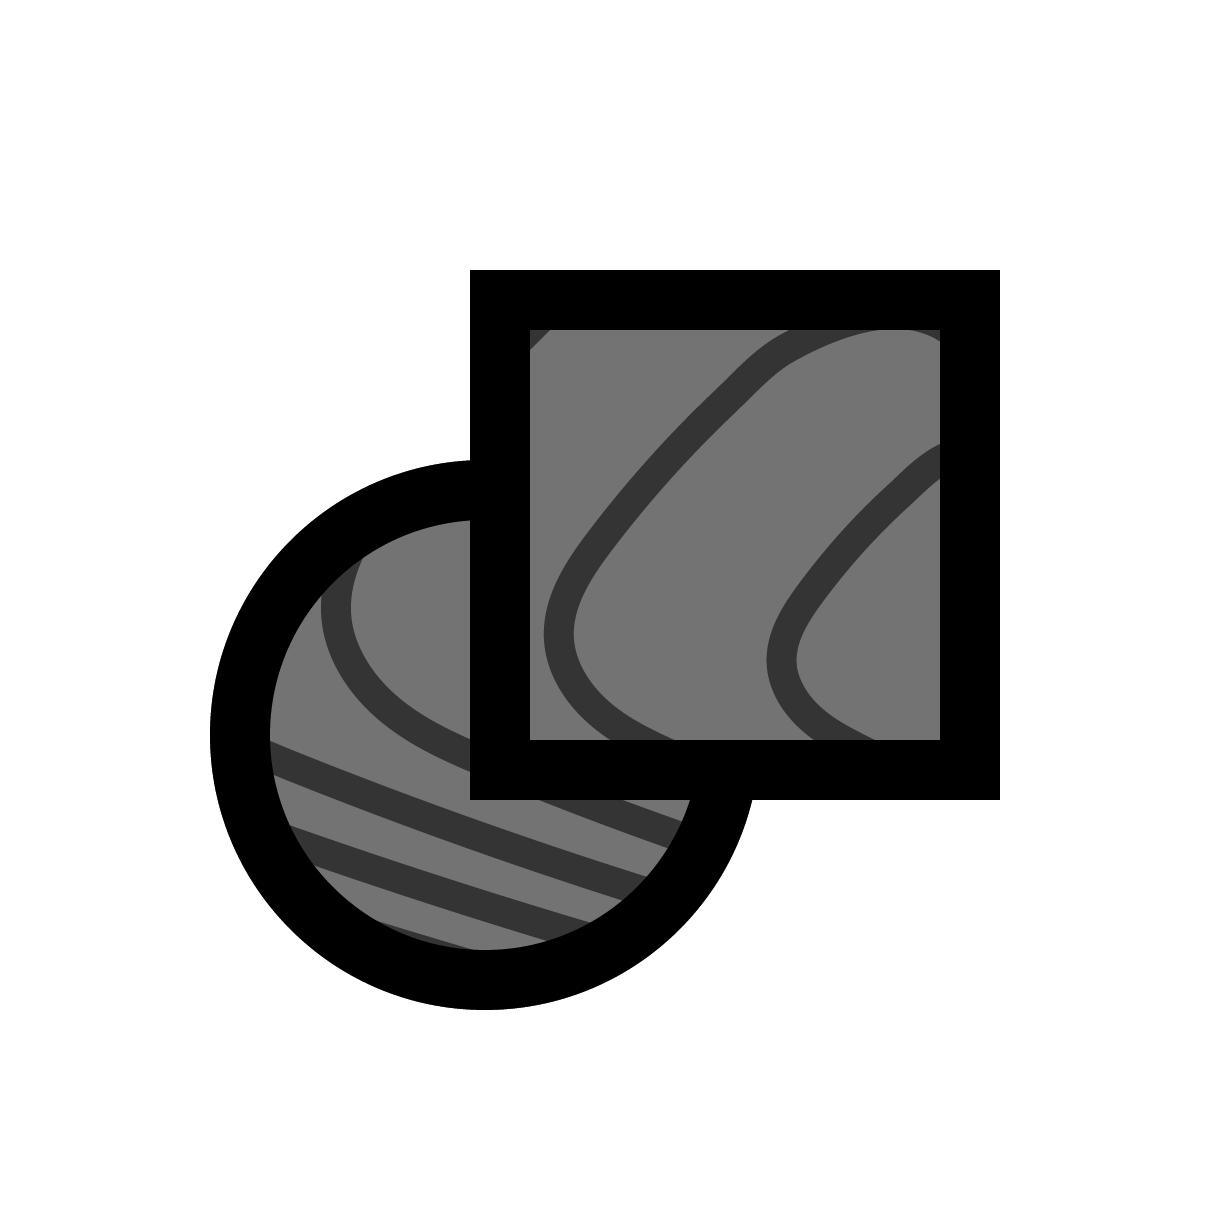 atlas_icon_interface-01